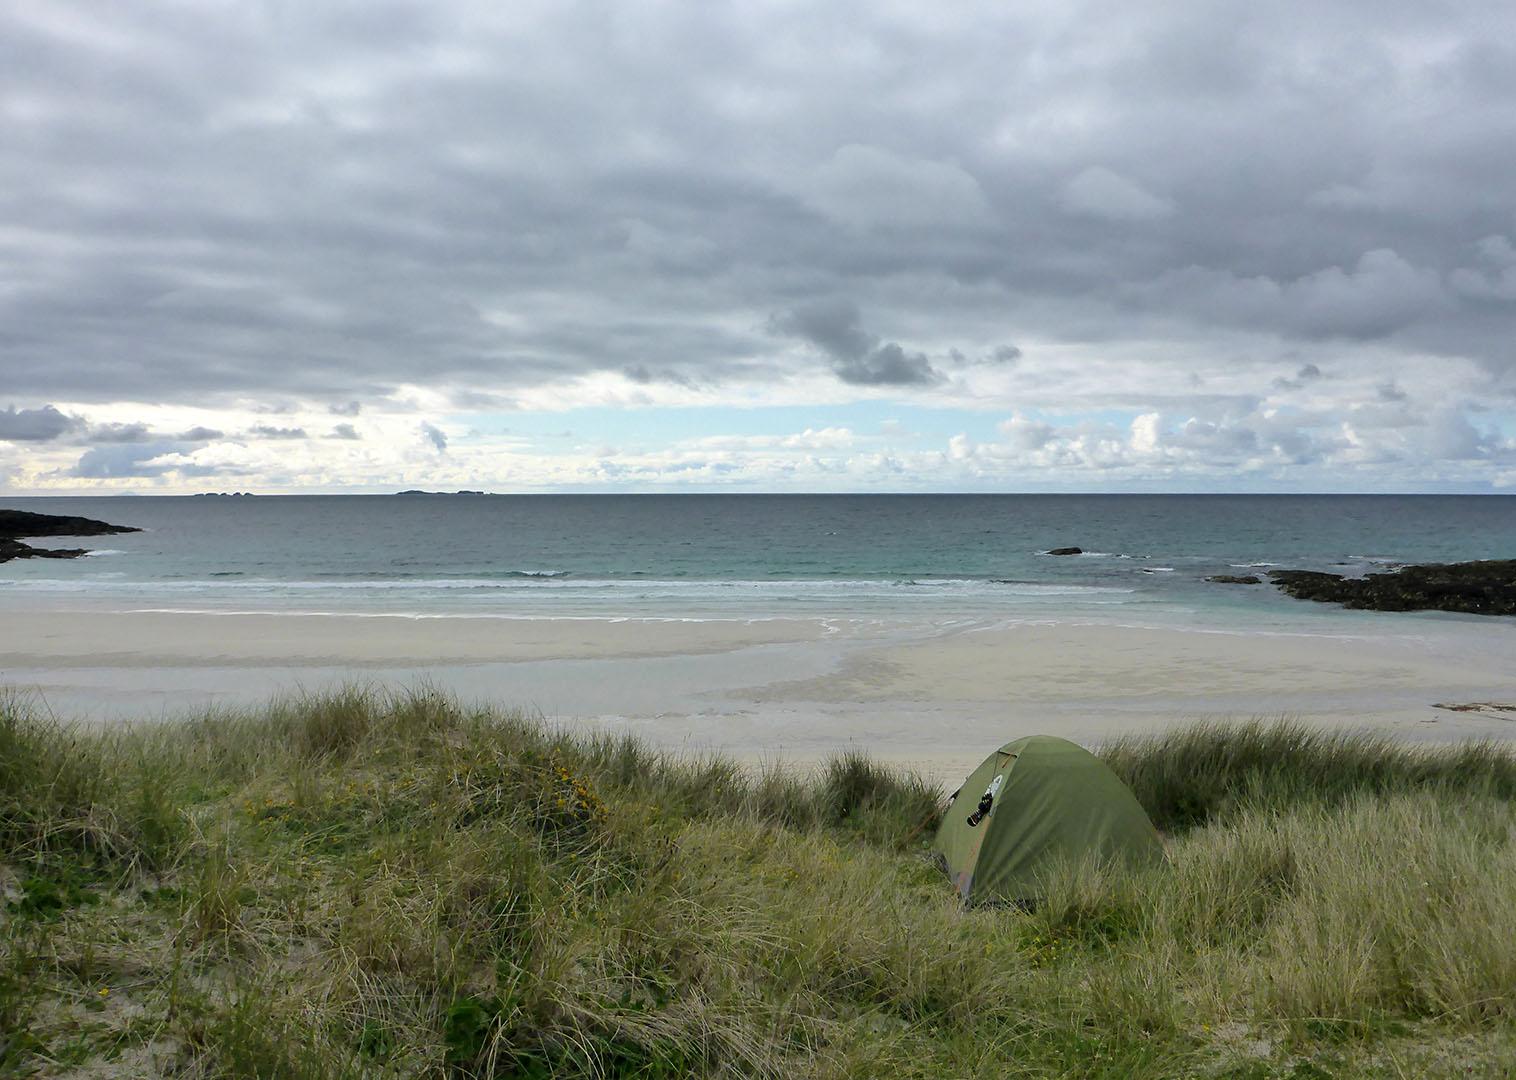 11 Tent in dunes, Stir Beach